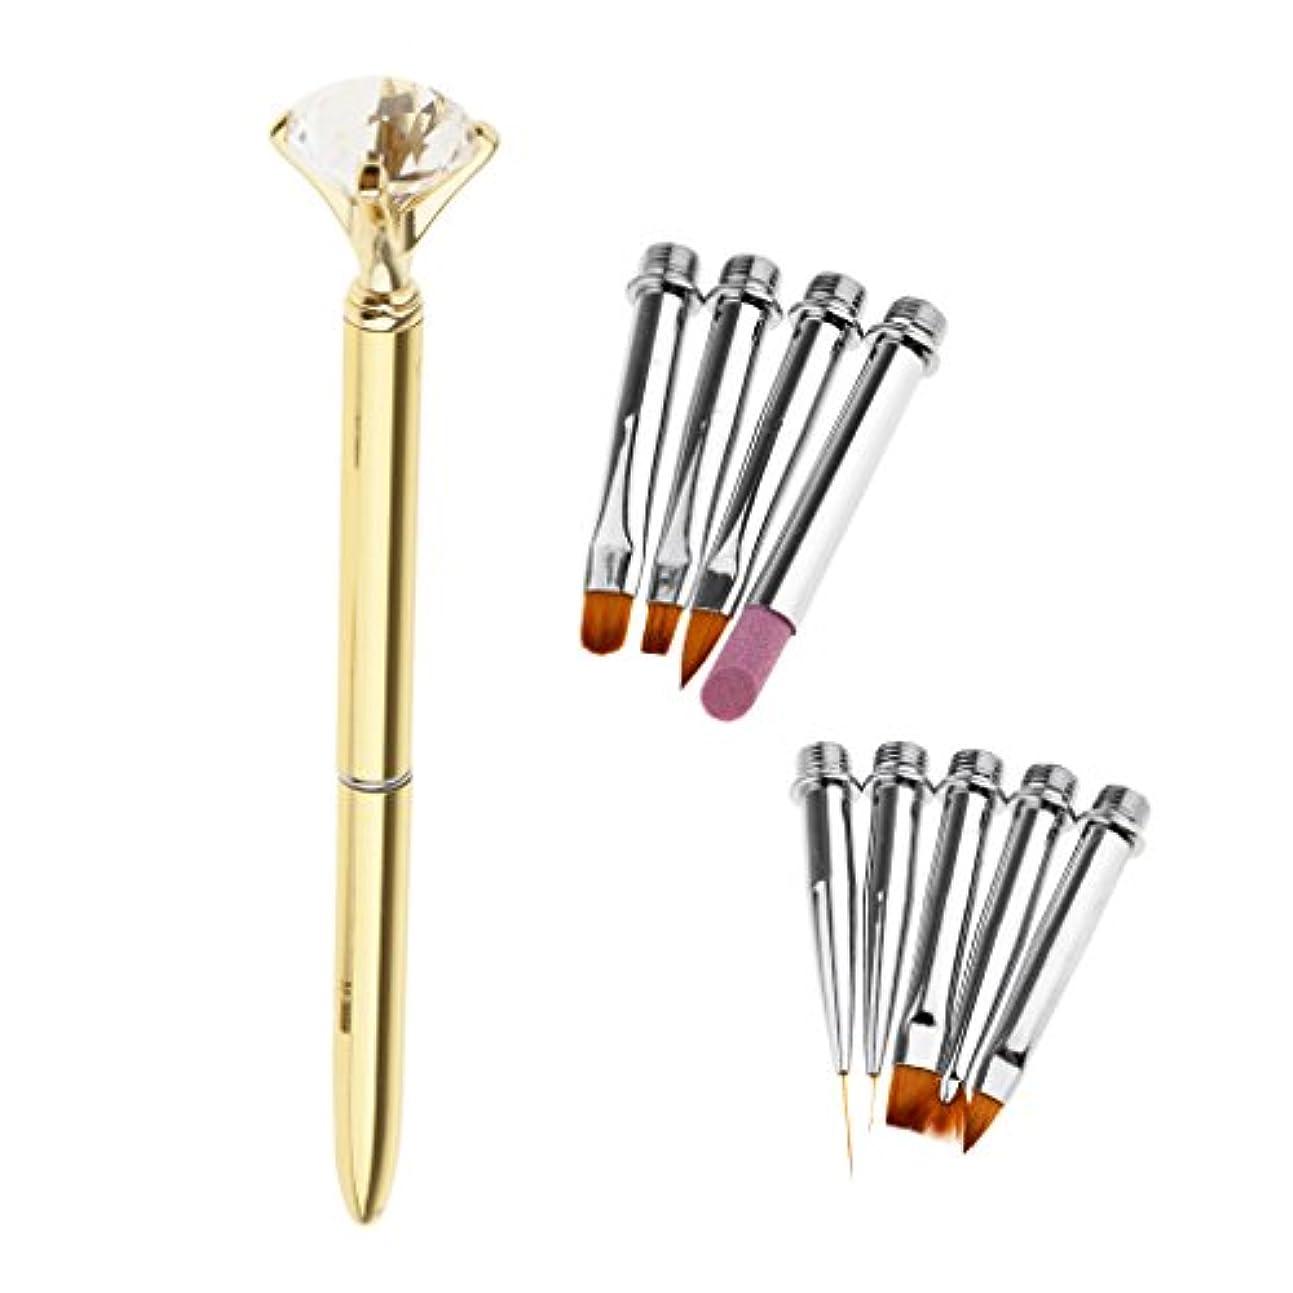 旅行宝石バウンドToygogo サロン用10個のネイルアートライナードローイングペイントブラシヘッドポリッシュマニキュアペン - ゴールド